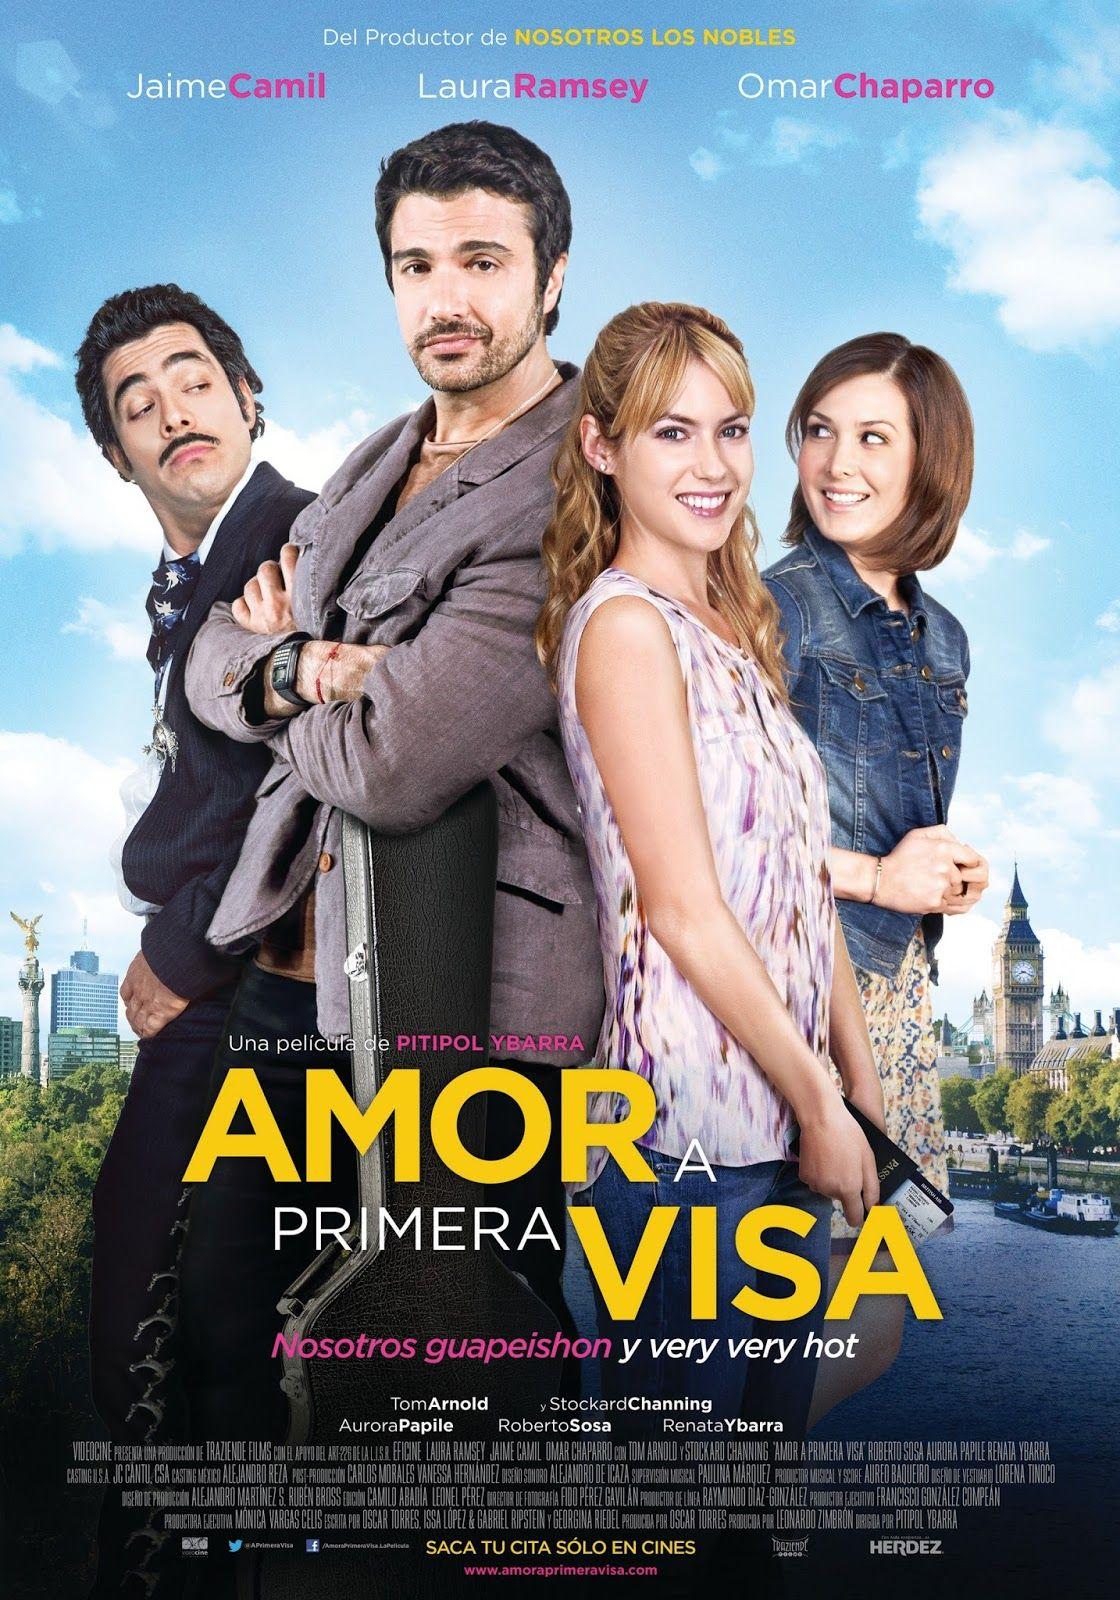 Amor A Primera Visa Rachel Es Una Mujer Inteligente Y Moderna En Constante Movimiento Princip Peliculas Mexicanas De Comedia Peliculas De Amor Ver Peliculas